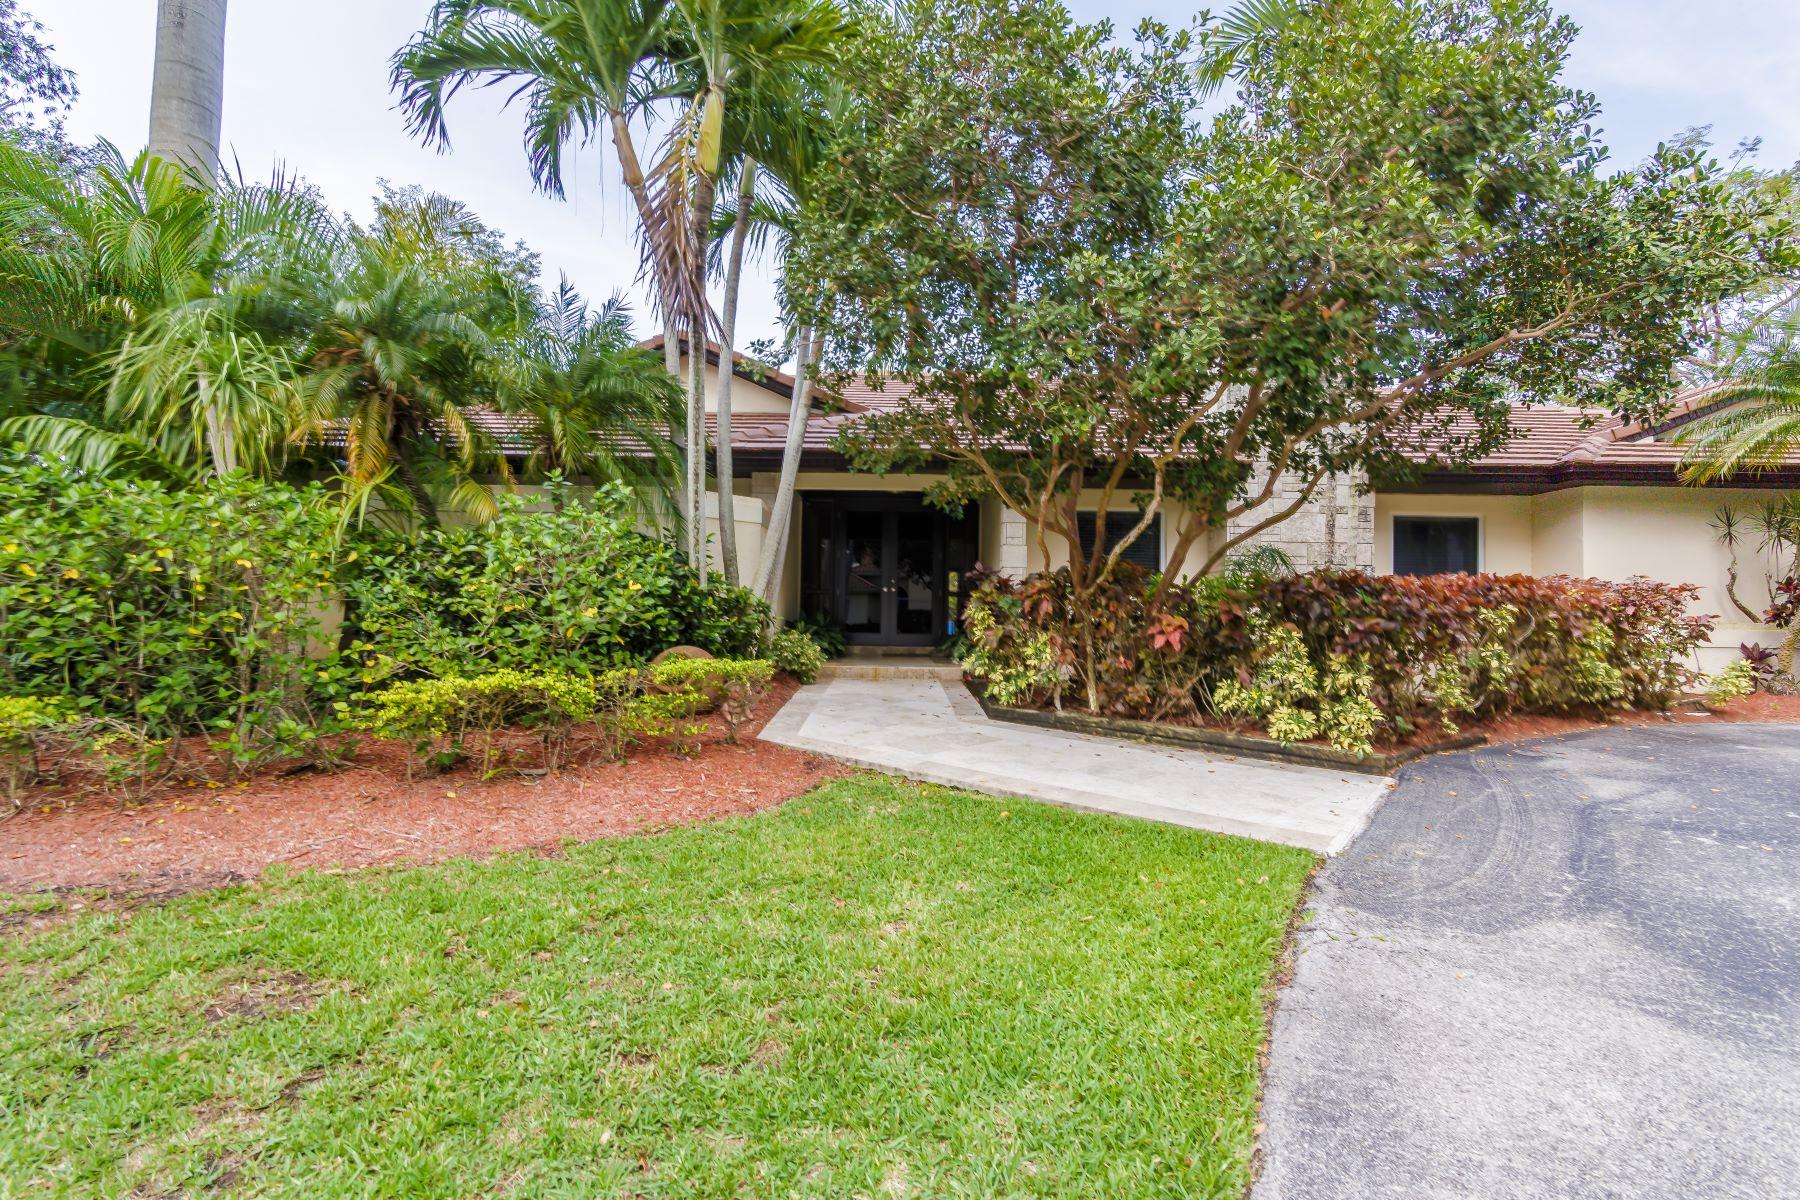 Casa Unifamiliar por un Venta en 5720 Sw 130 Te Pinecrest, Florida, 33156 Estados Unidos